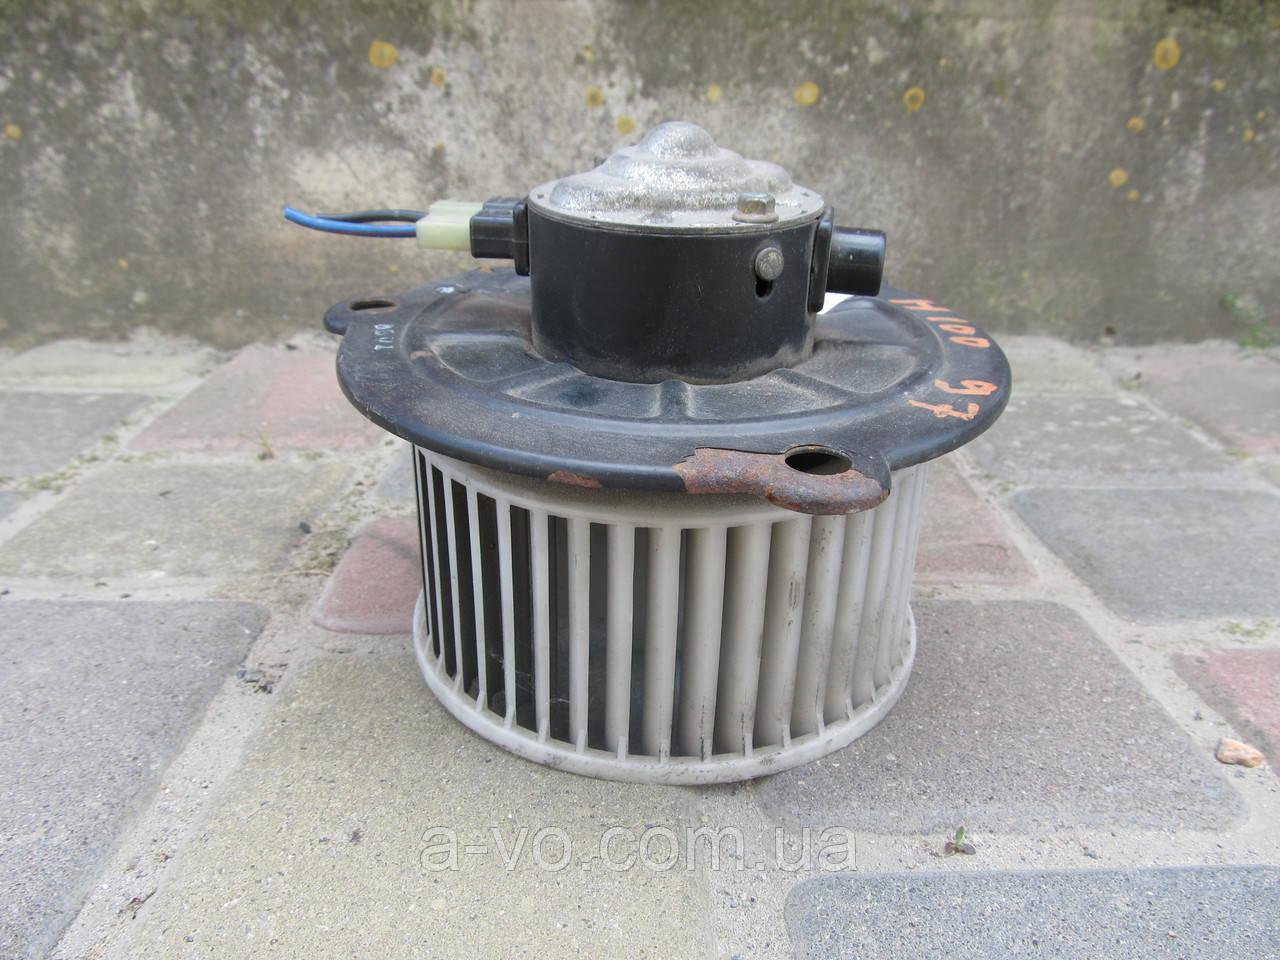 Вентилятор моторчик печки для Hyundai  H100